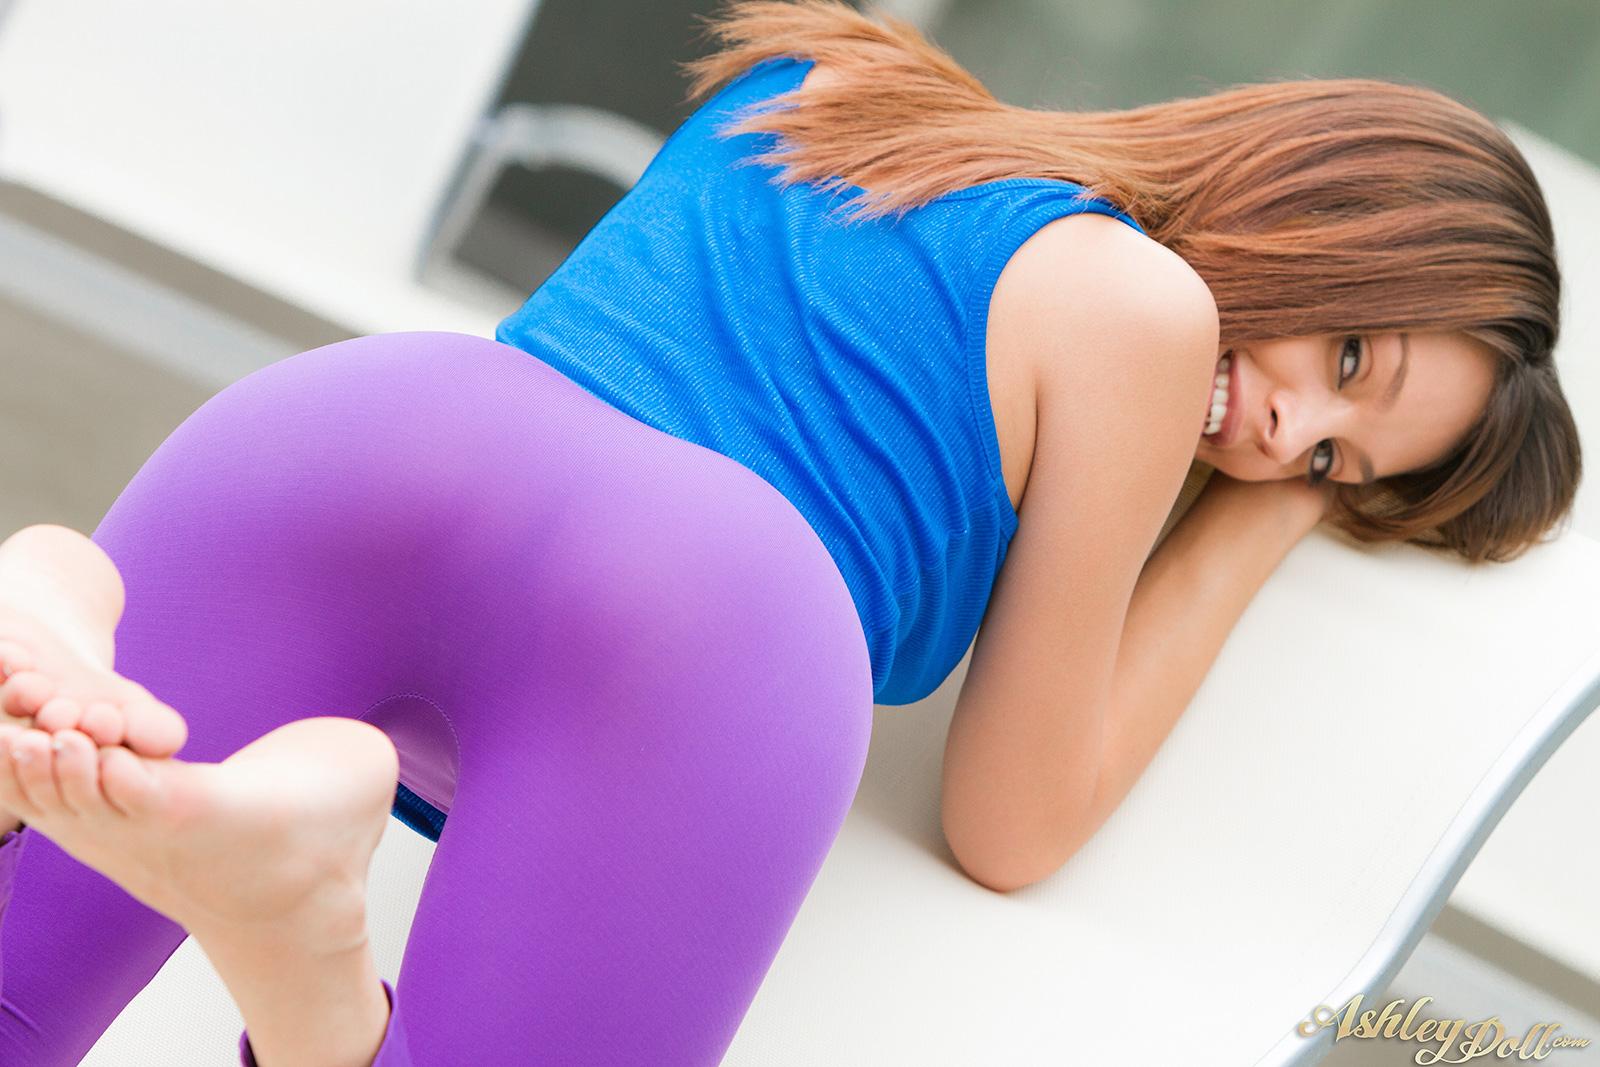 banging hot girls in yoga pants